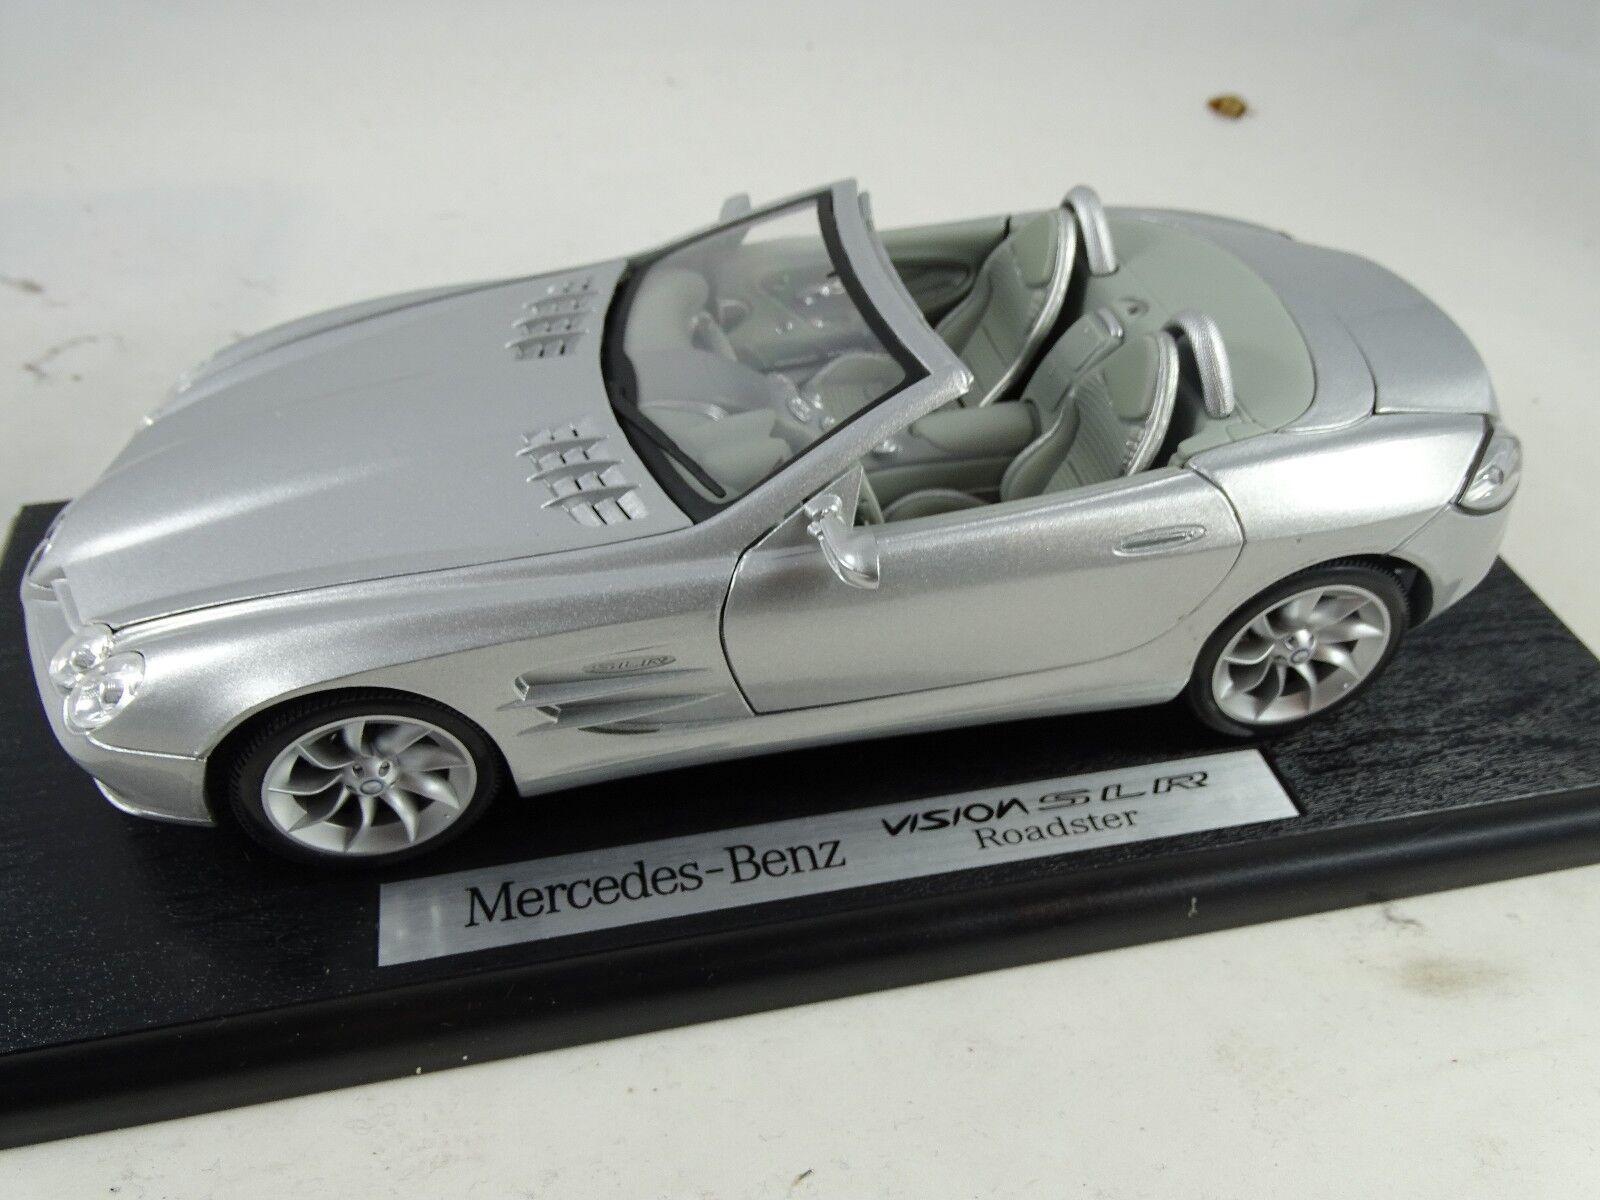 1 18 Dealer Model  B66962107 MERCEDES BENZ VISION SLR Roadster Rarity §